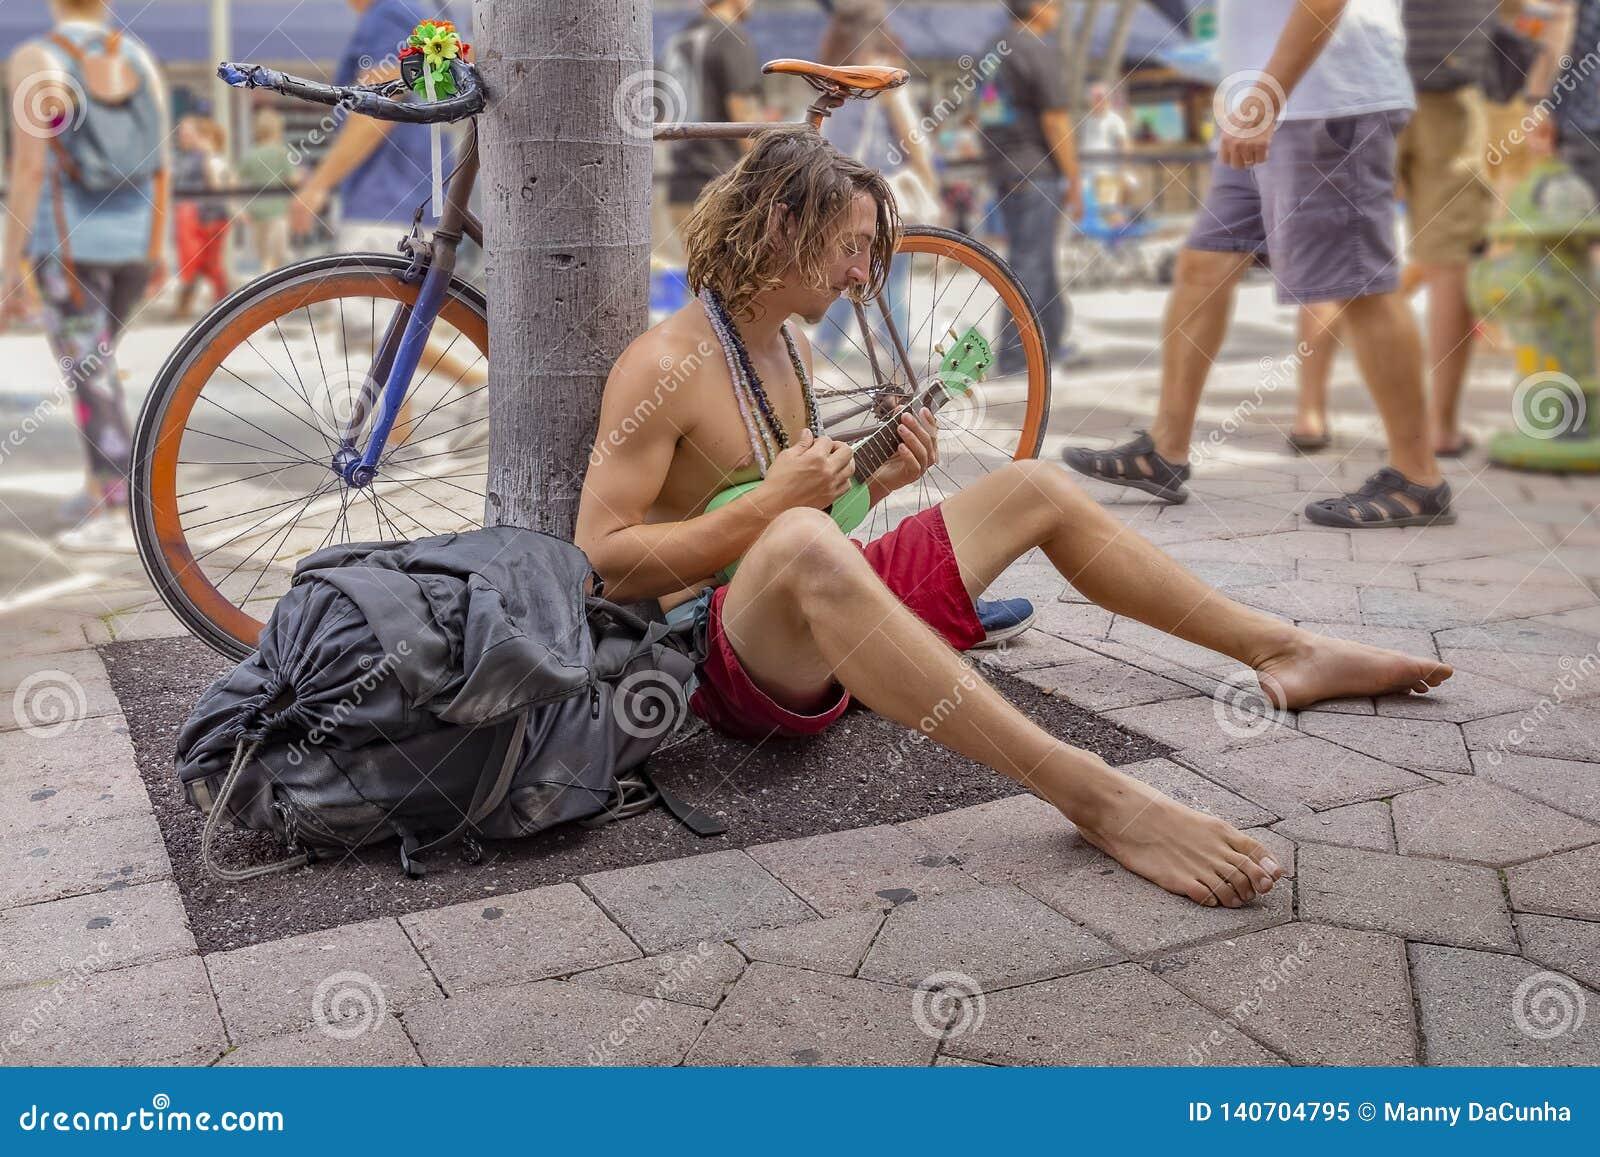 Стоимость озера, Флорида, США сказочное 23-24, 25Th ежегодный фестиваль картины улицы 2019